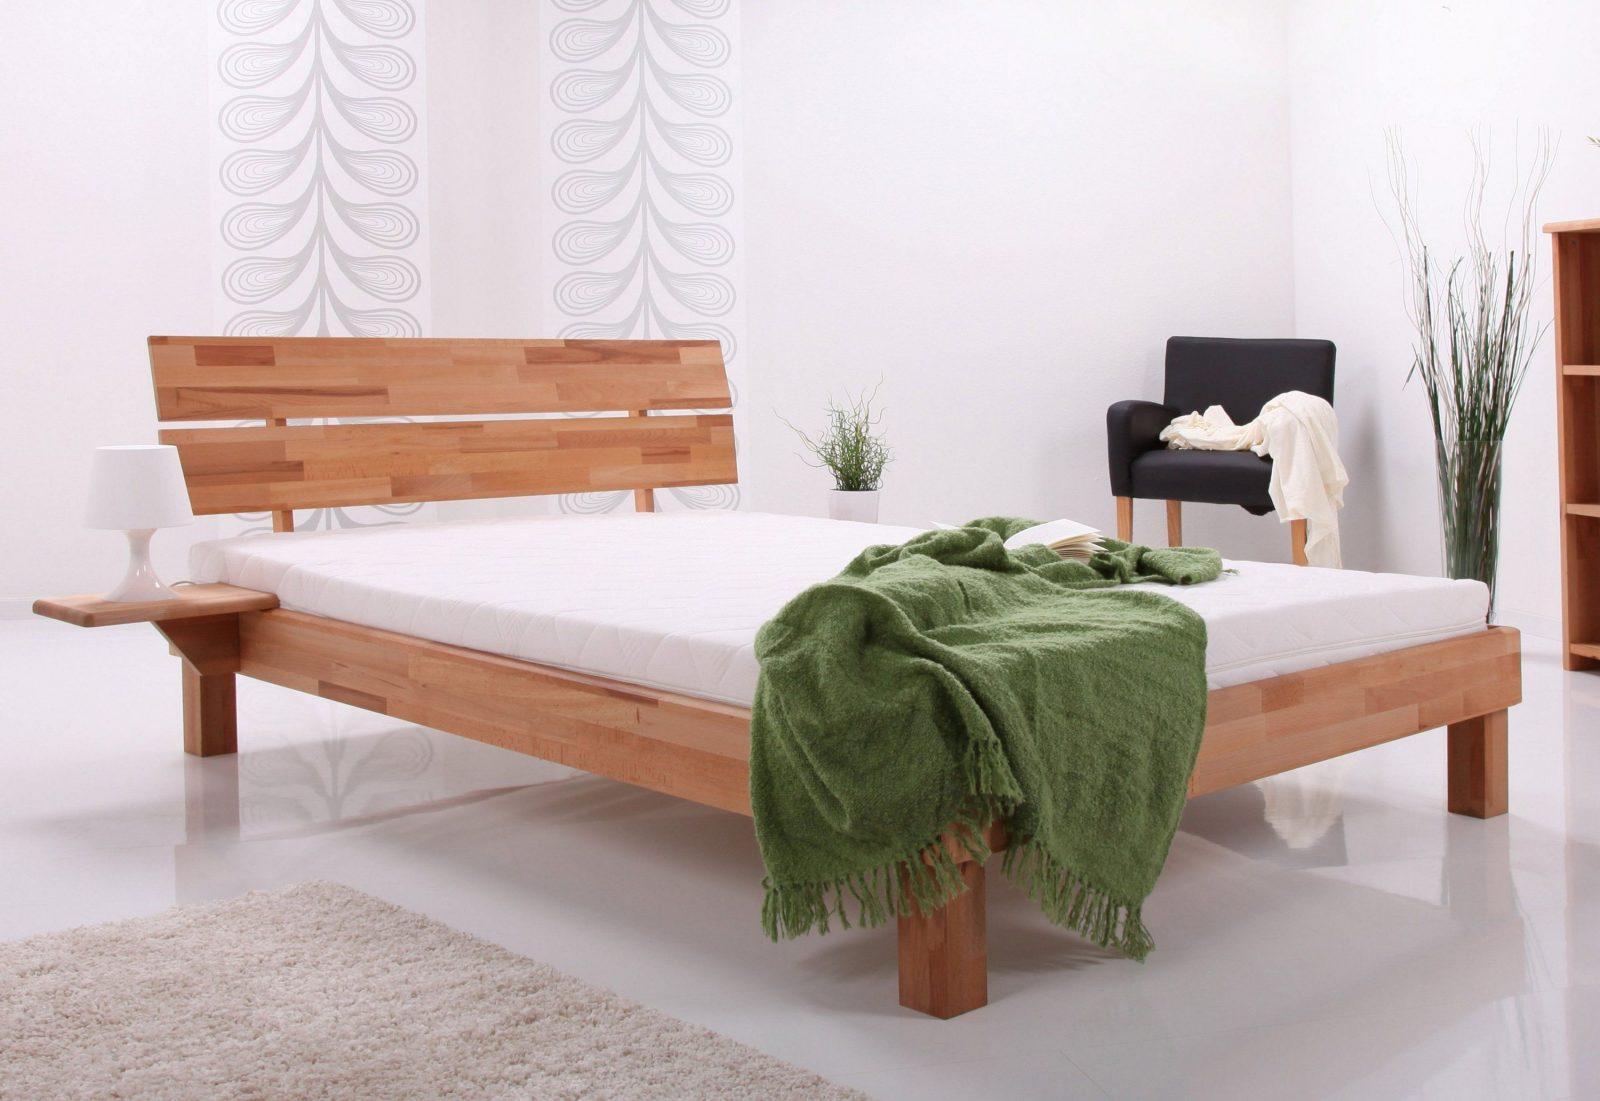 Wunderschöne Bank Vor Dem Bett 23 Cute Dekoration Oben Bank Bett Fuã von Bank Vor Dem Bett Bild